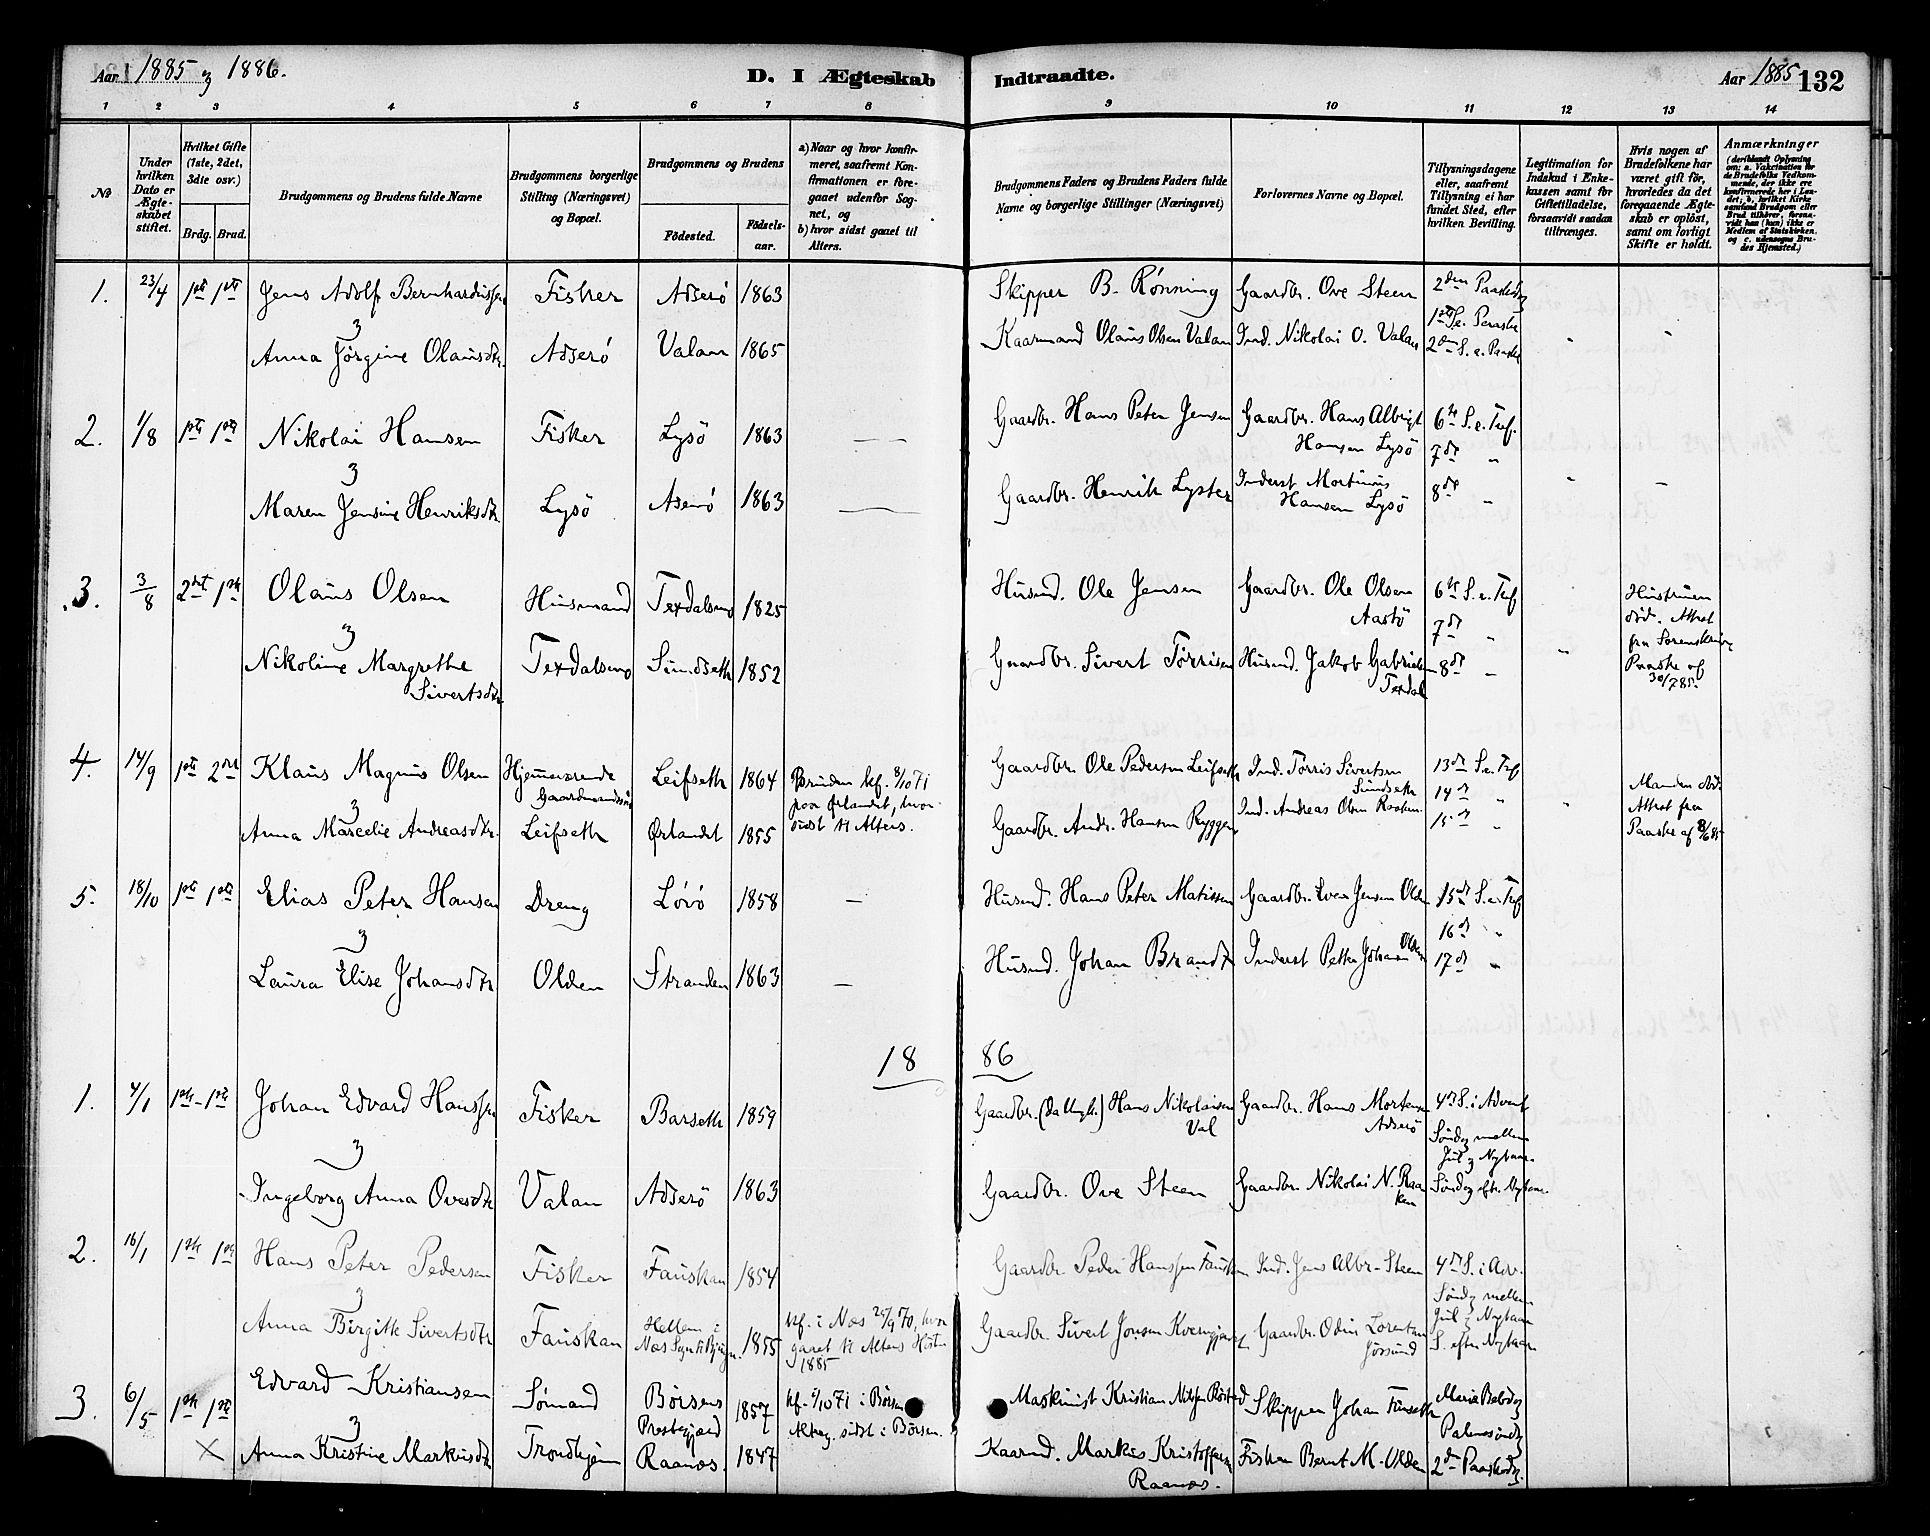 SAT, Ministerialprotokoller, klokkerbøker og fødselsregistre - Sør-Trøndelag, 654/L0663: Ministerialbok nr. 654A01, 1880-1894, s. 132